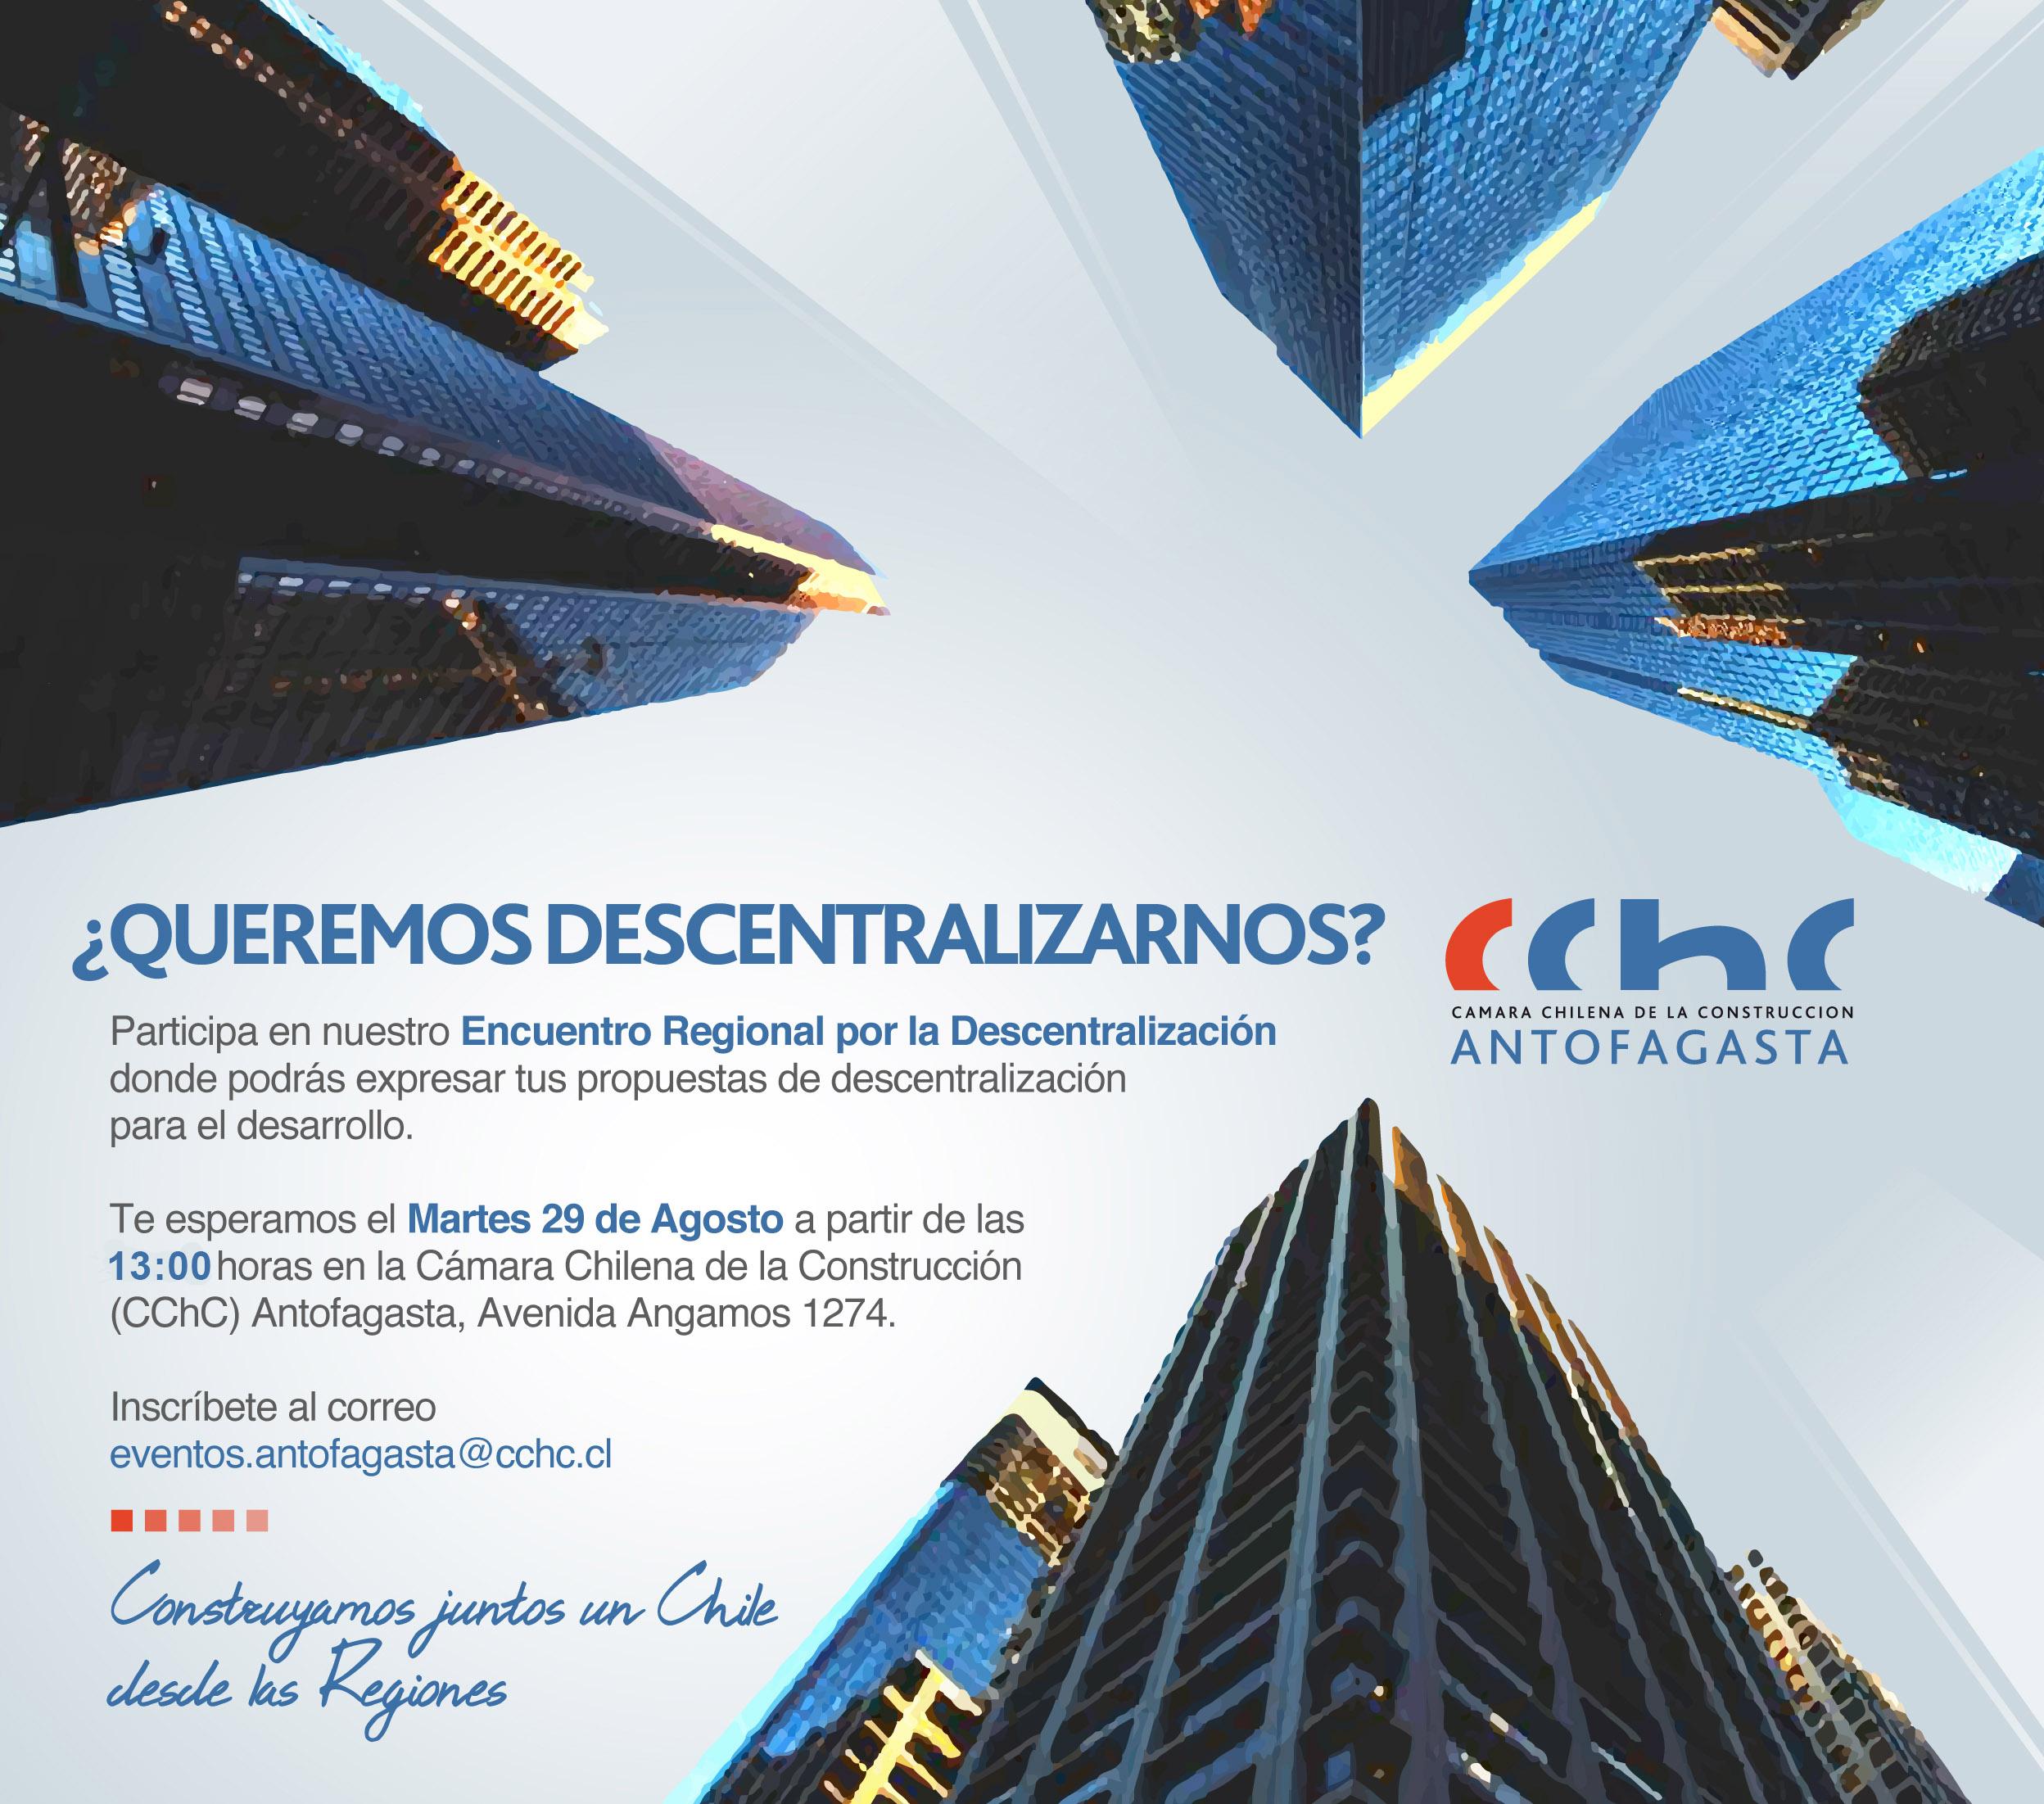 CChC Antofagasta convoca a Encuentro Regional por la Descentralización noticias